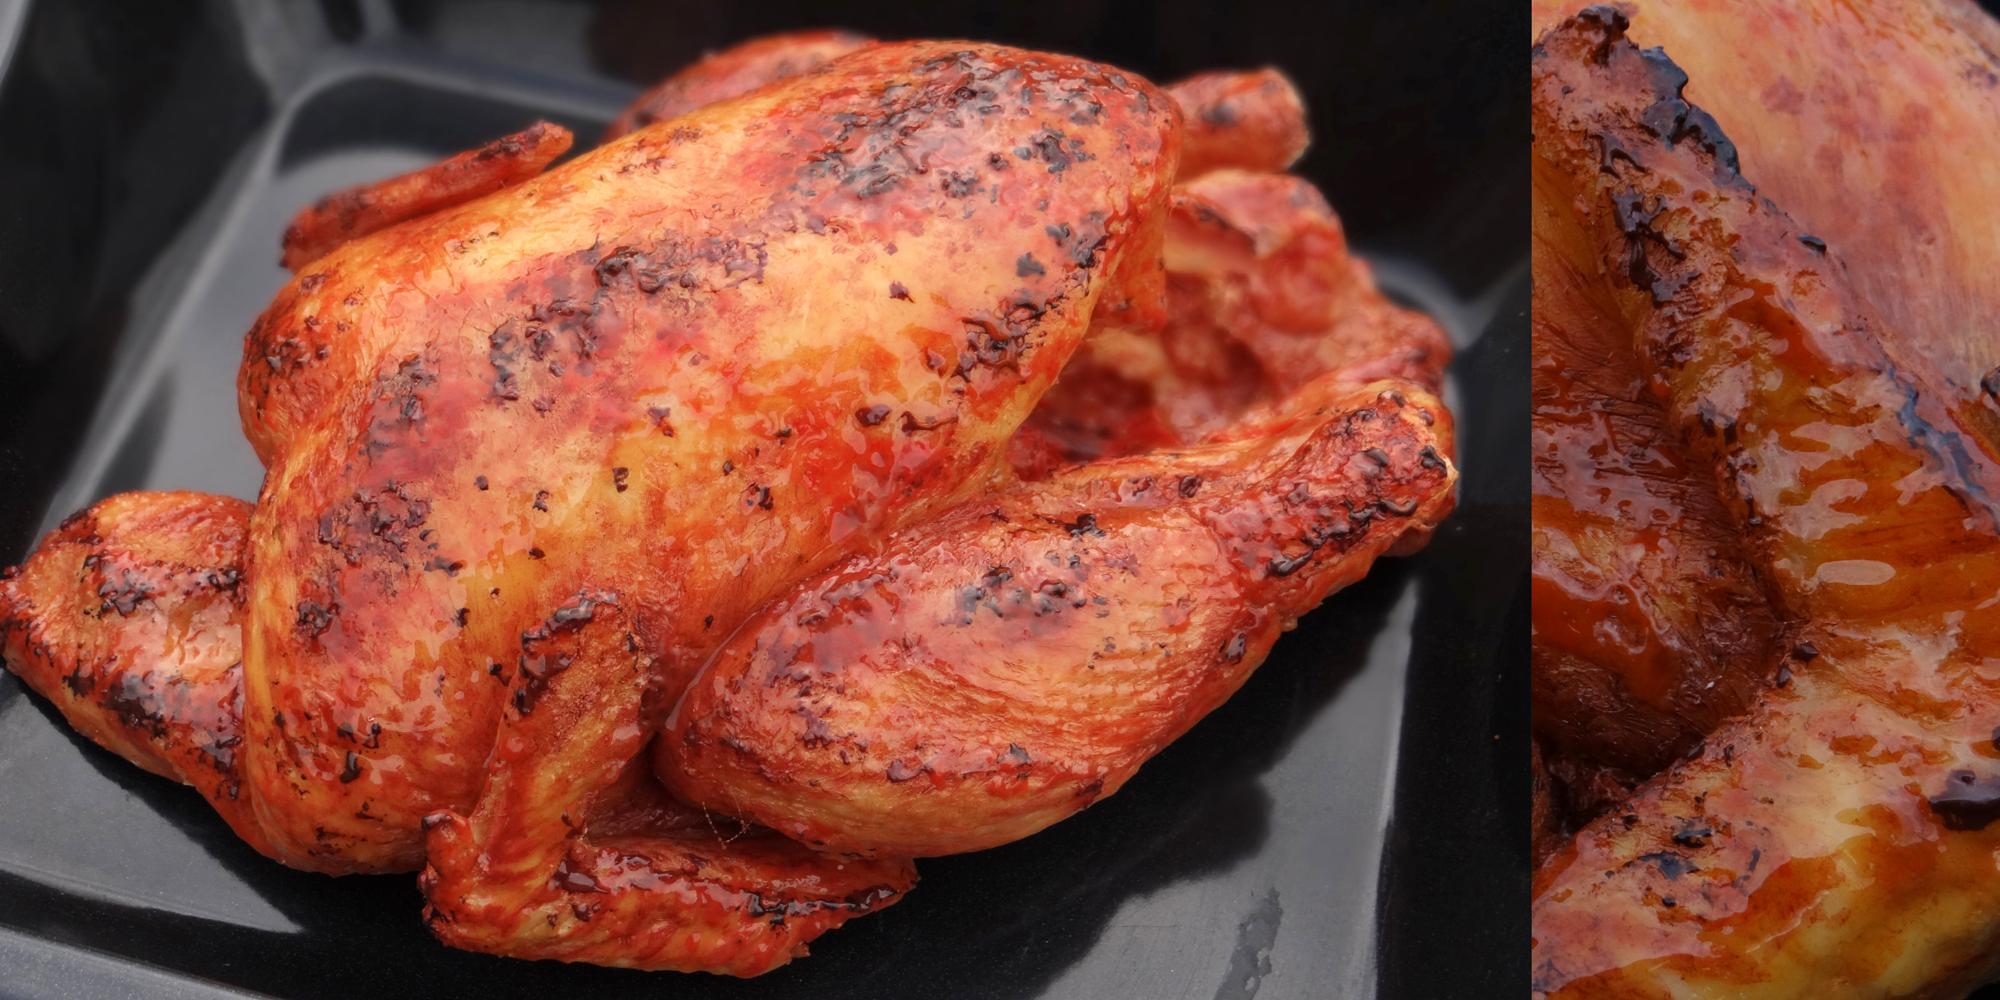 faux poulet rôti factice fait à la main en résine par l'Atelier Cobalt Fx